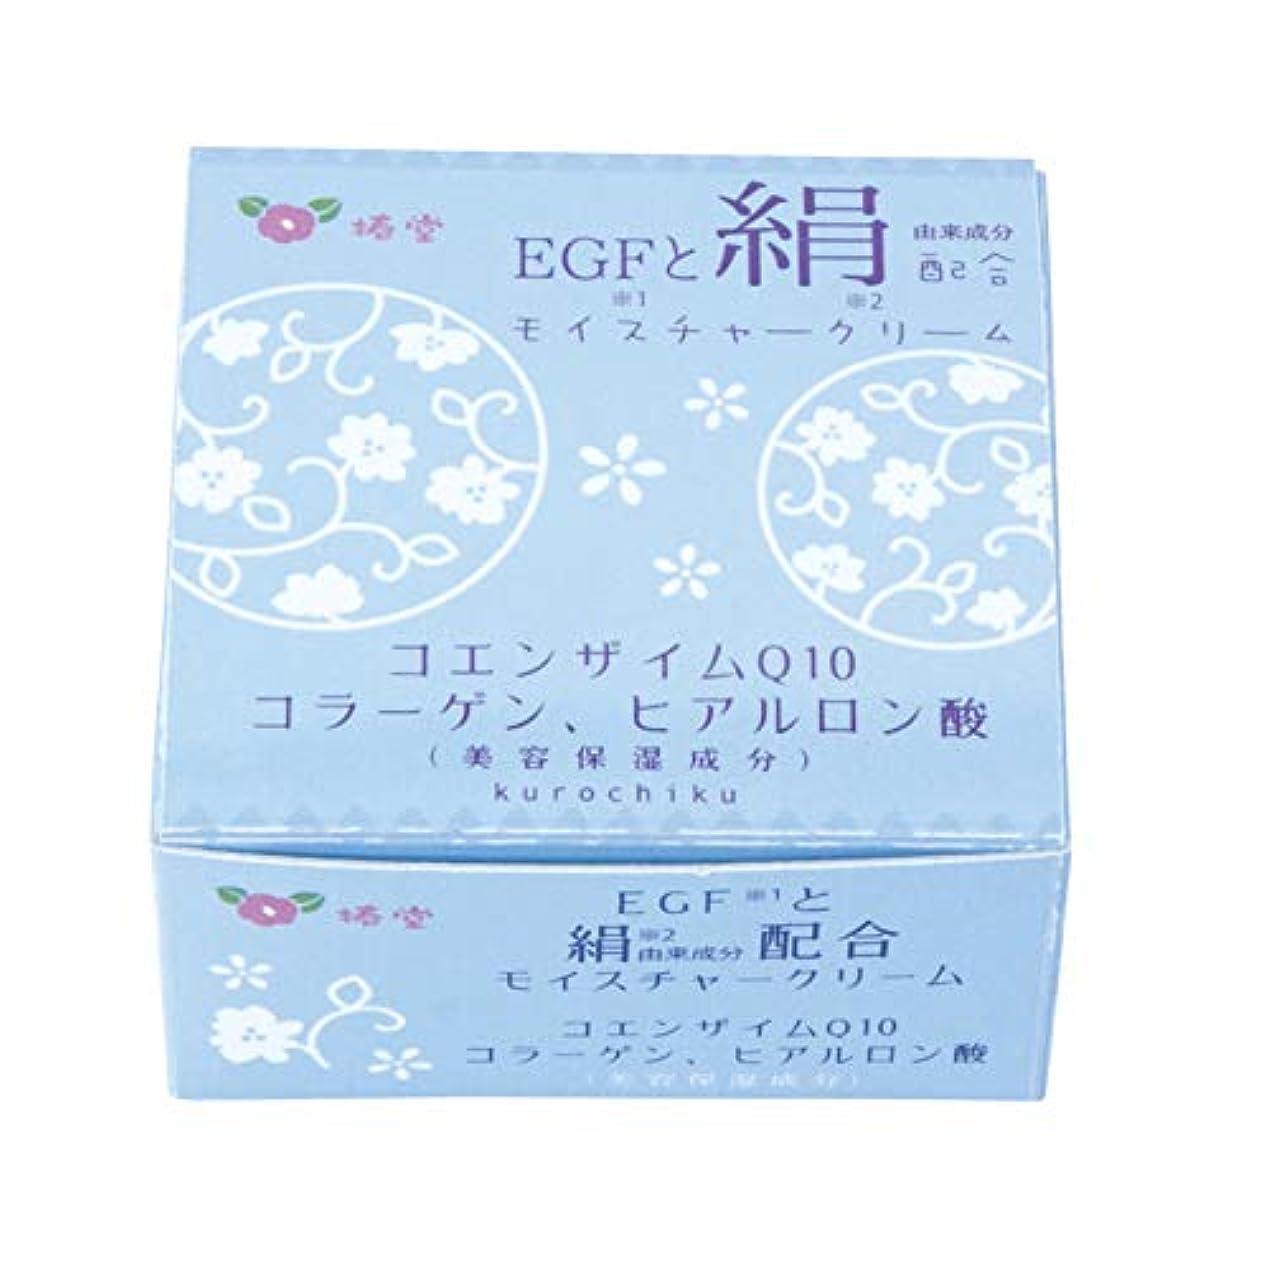 台無しにポークシール椿堂 絹モイスチャークリーム (FGFと絹) 京都くろちく